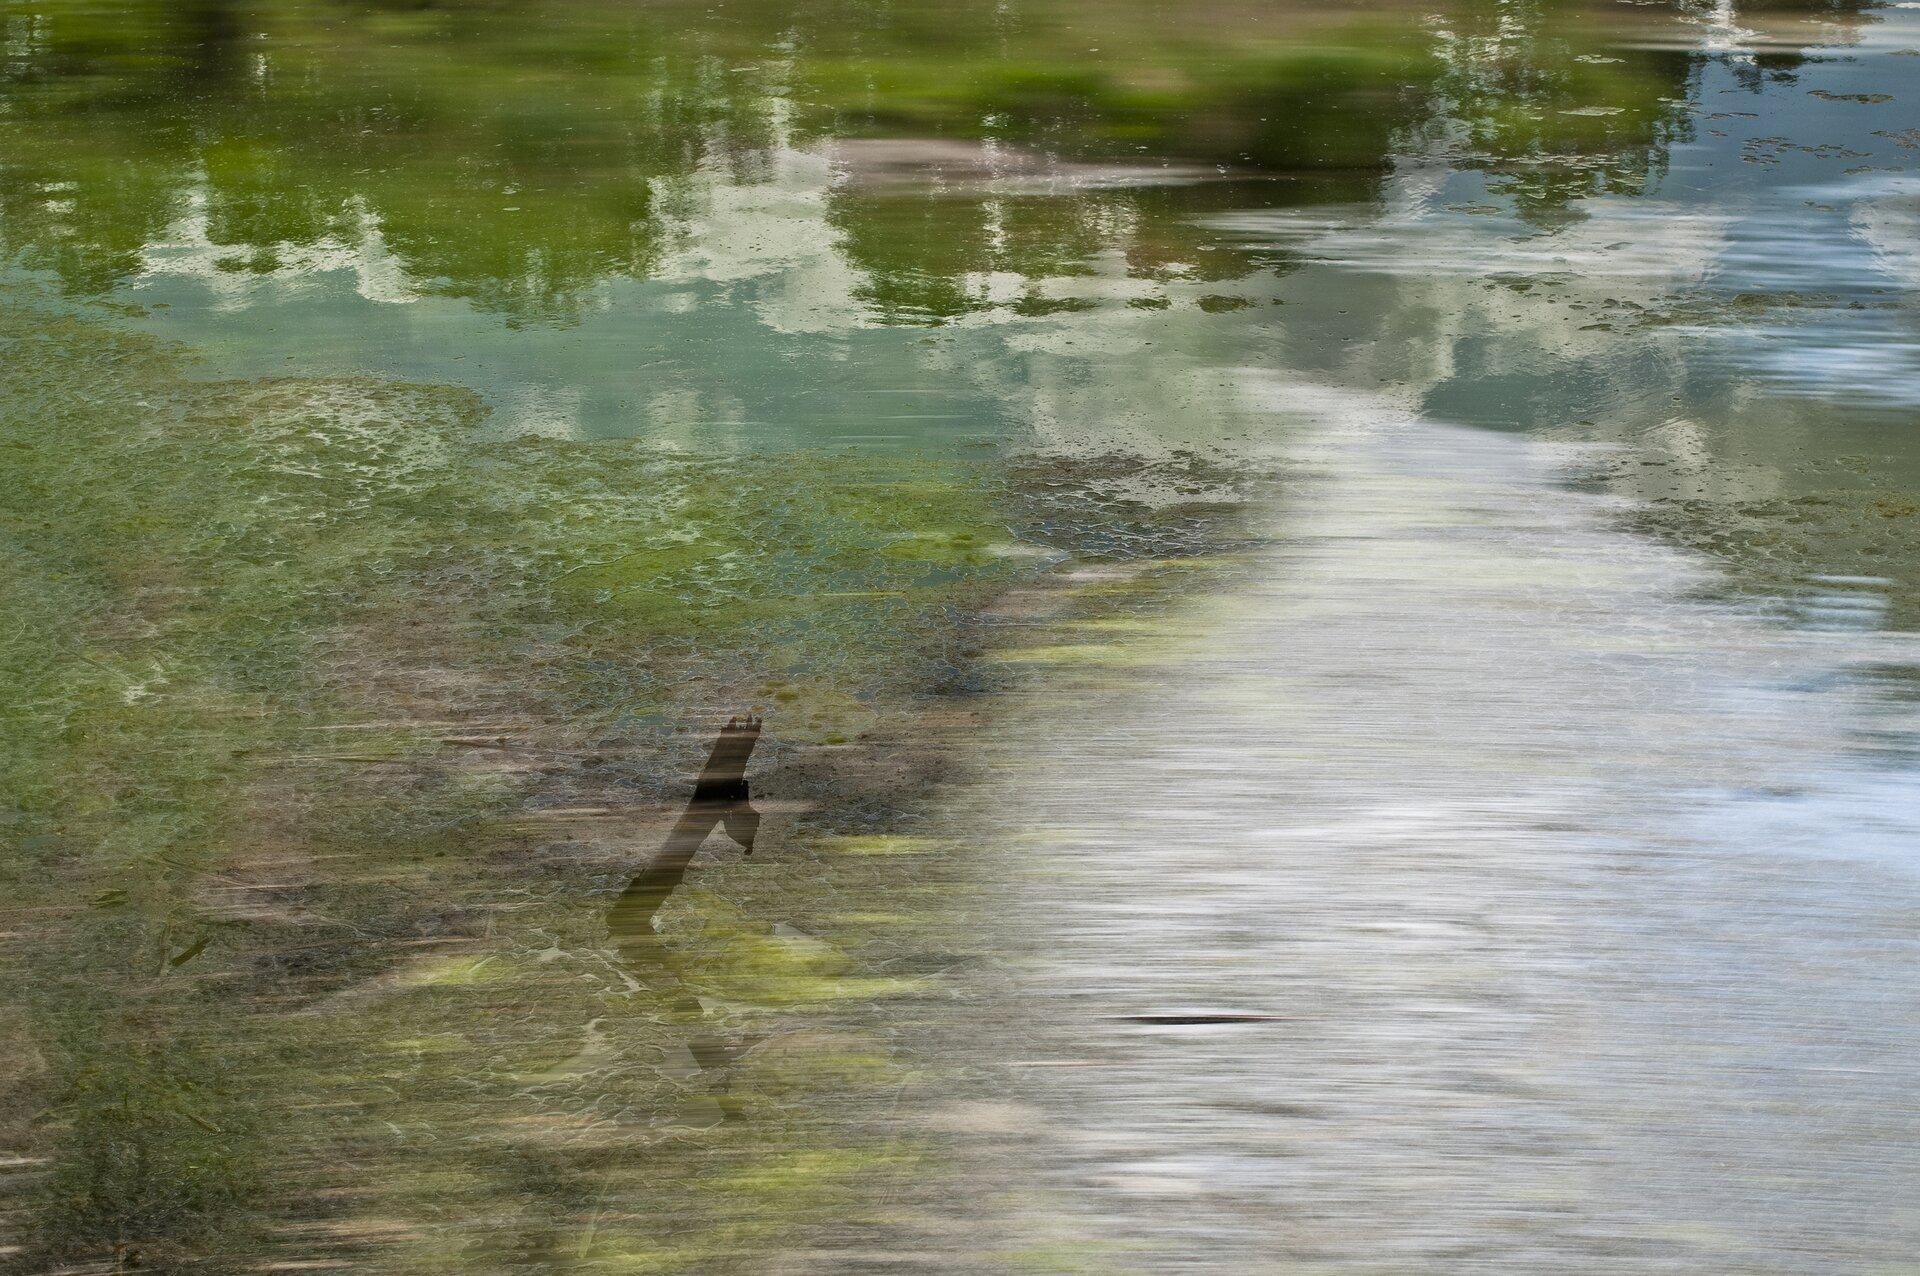 """Ilustracja przedstawia fotografię artystyczną """"Szpręgi I"""" autorstwa Anny Kola. Dzieło ukazuje taflę wody zodbijającymi się wniej konarami zielonych drzew iniebem. Wcentrum kadru znajduje się rozmyty konar wystający zwody. Pierwszy plan zdjęcia jest rozmazany, jakby wruchu – co nadaje dynamiki statycznej kompozycji. Na fotografii dominują zielenie ibłękity."""